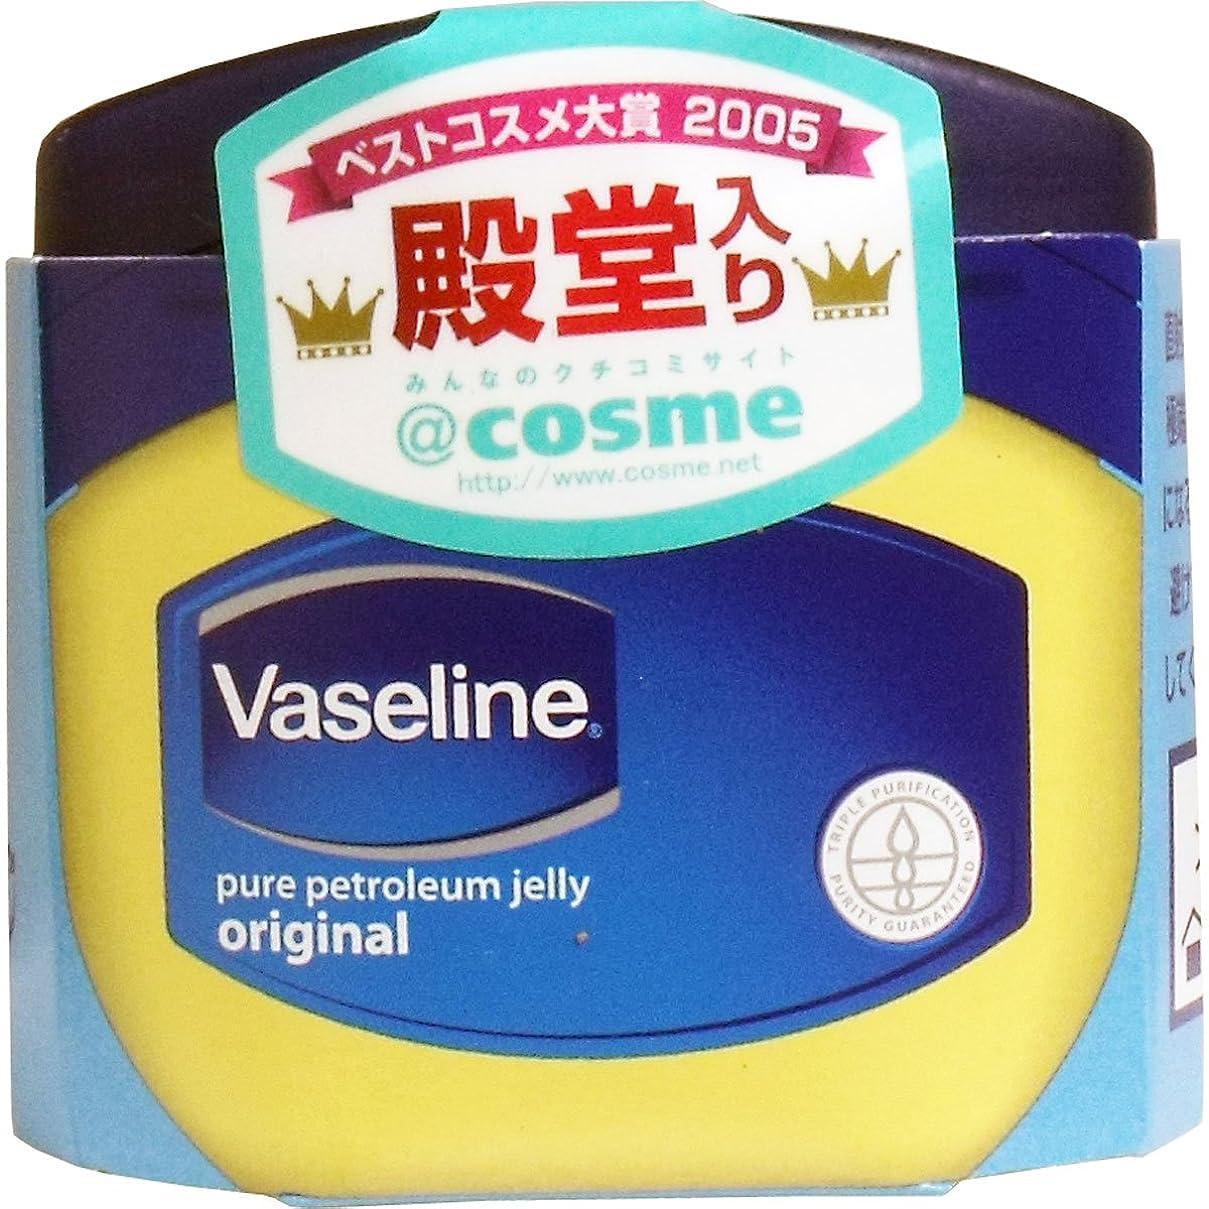 バック胆嚢フィクション【Vaseline】ヴァセリン ピュアスキンジェリー (スキンオイル) 40g ×20個セット